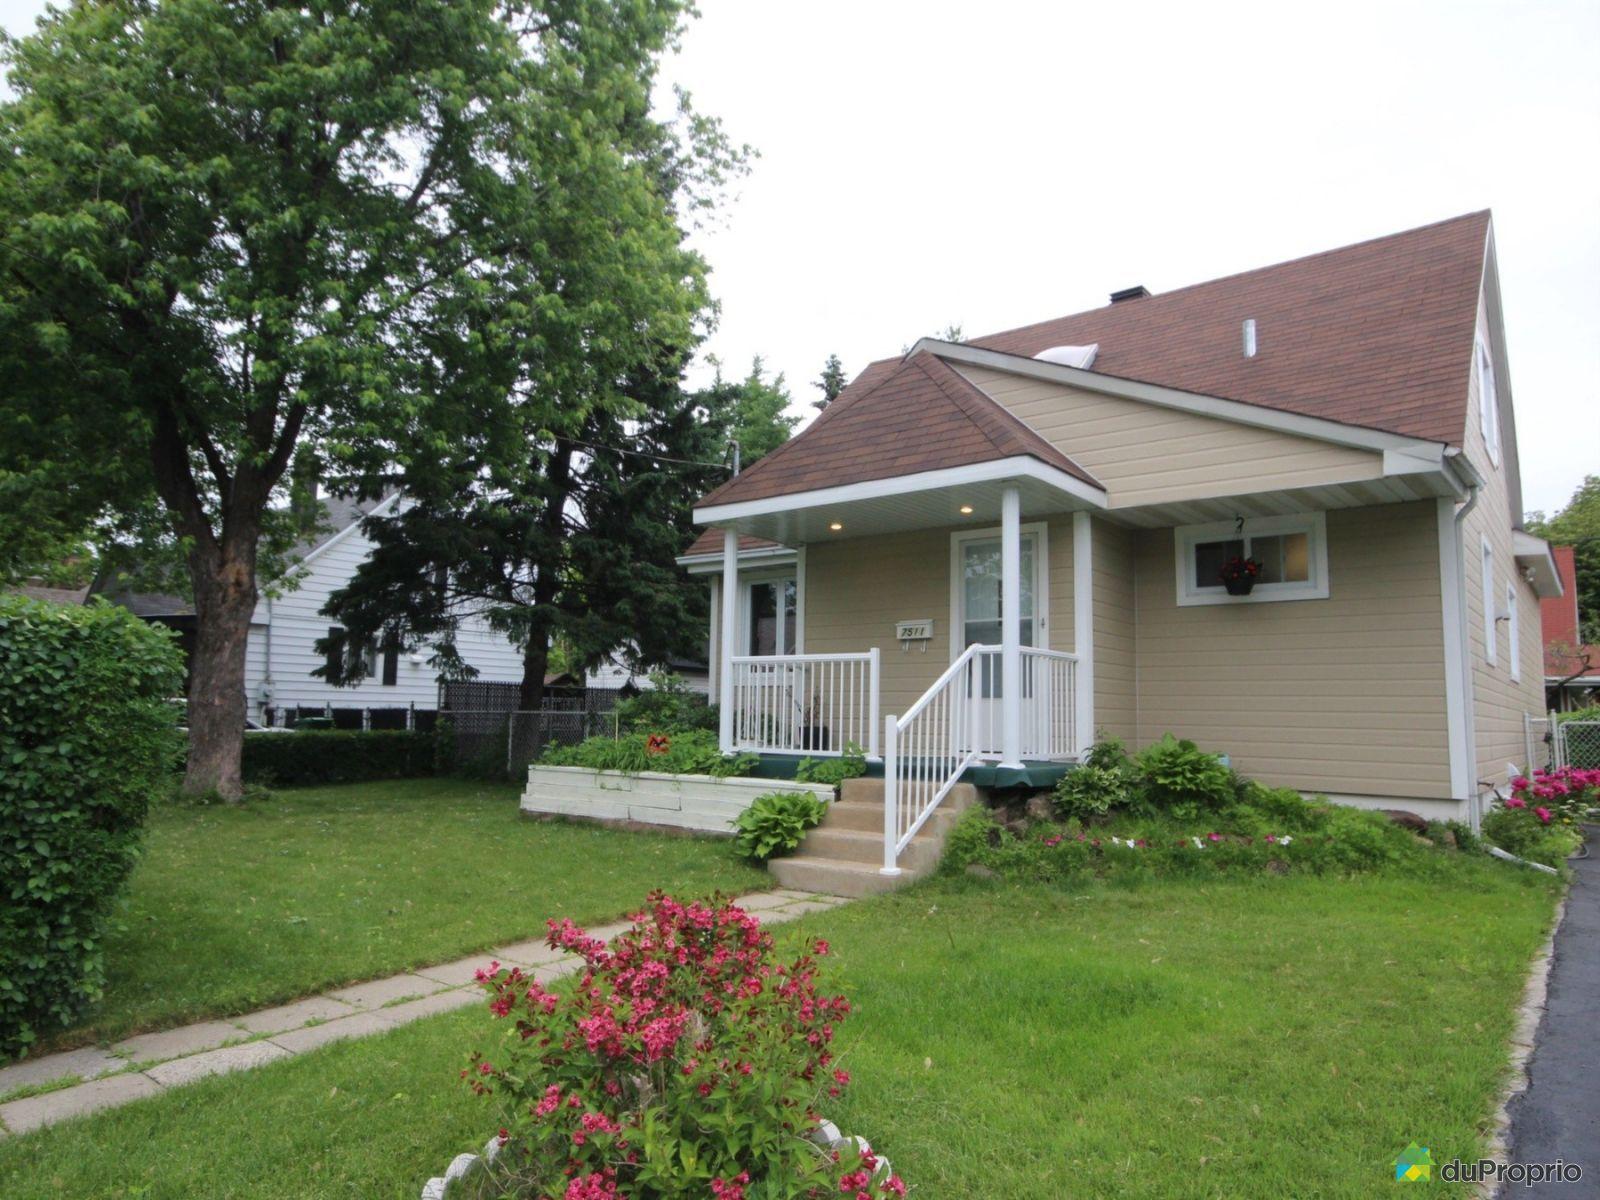 Maison vendre montr al 7511 21e avenue immobilier for Extension maison quebec